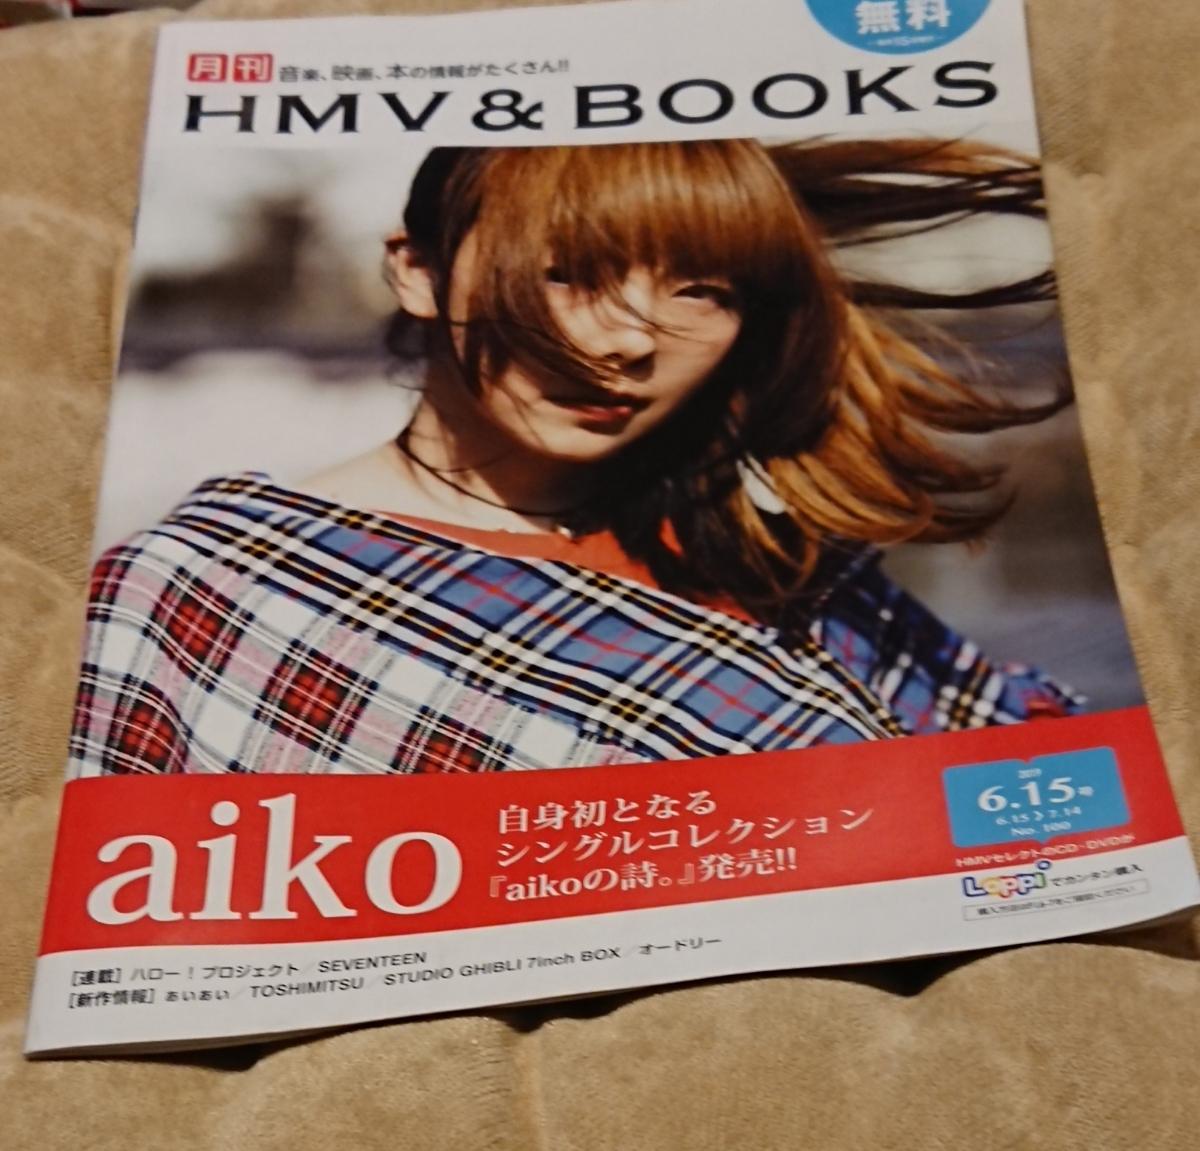 aiko 初回限定仕様盤 aikoの詩。aikoのシングルコレクションとカップリングベストアルバム○全CD4枚組+DVD1枚○80Pブックレット_画像4